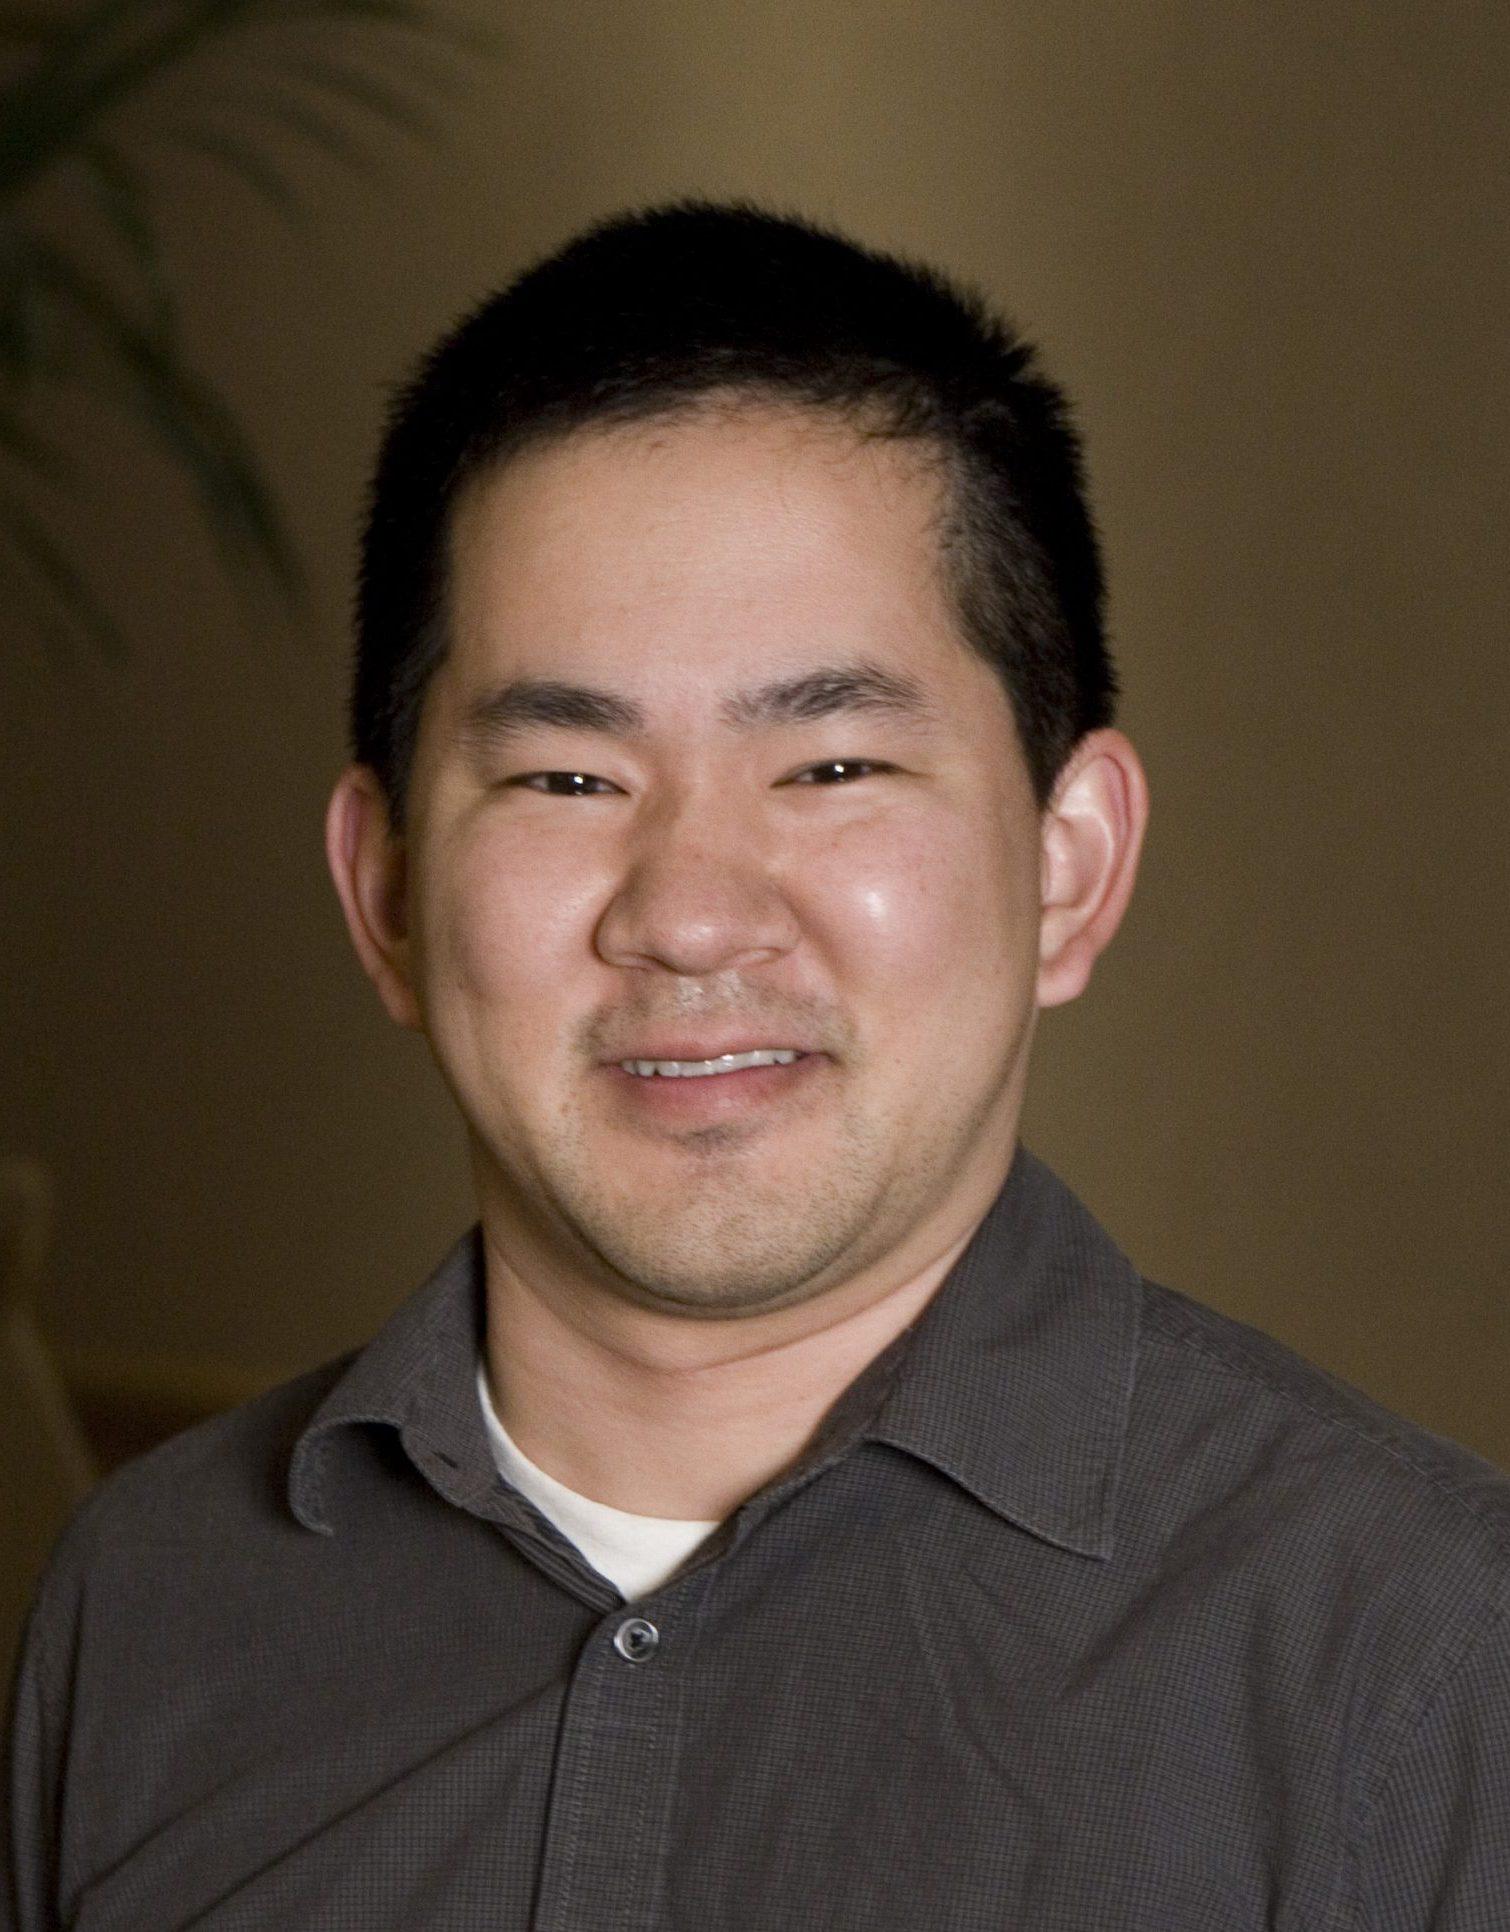 Brian Sato